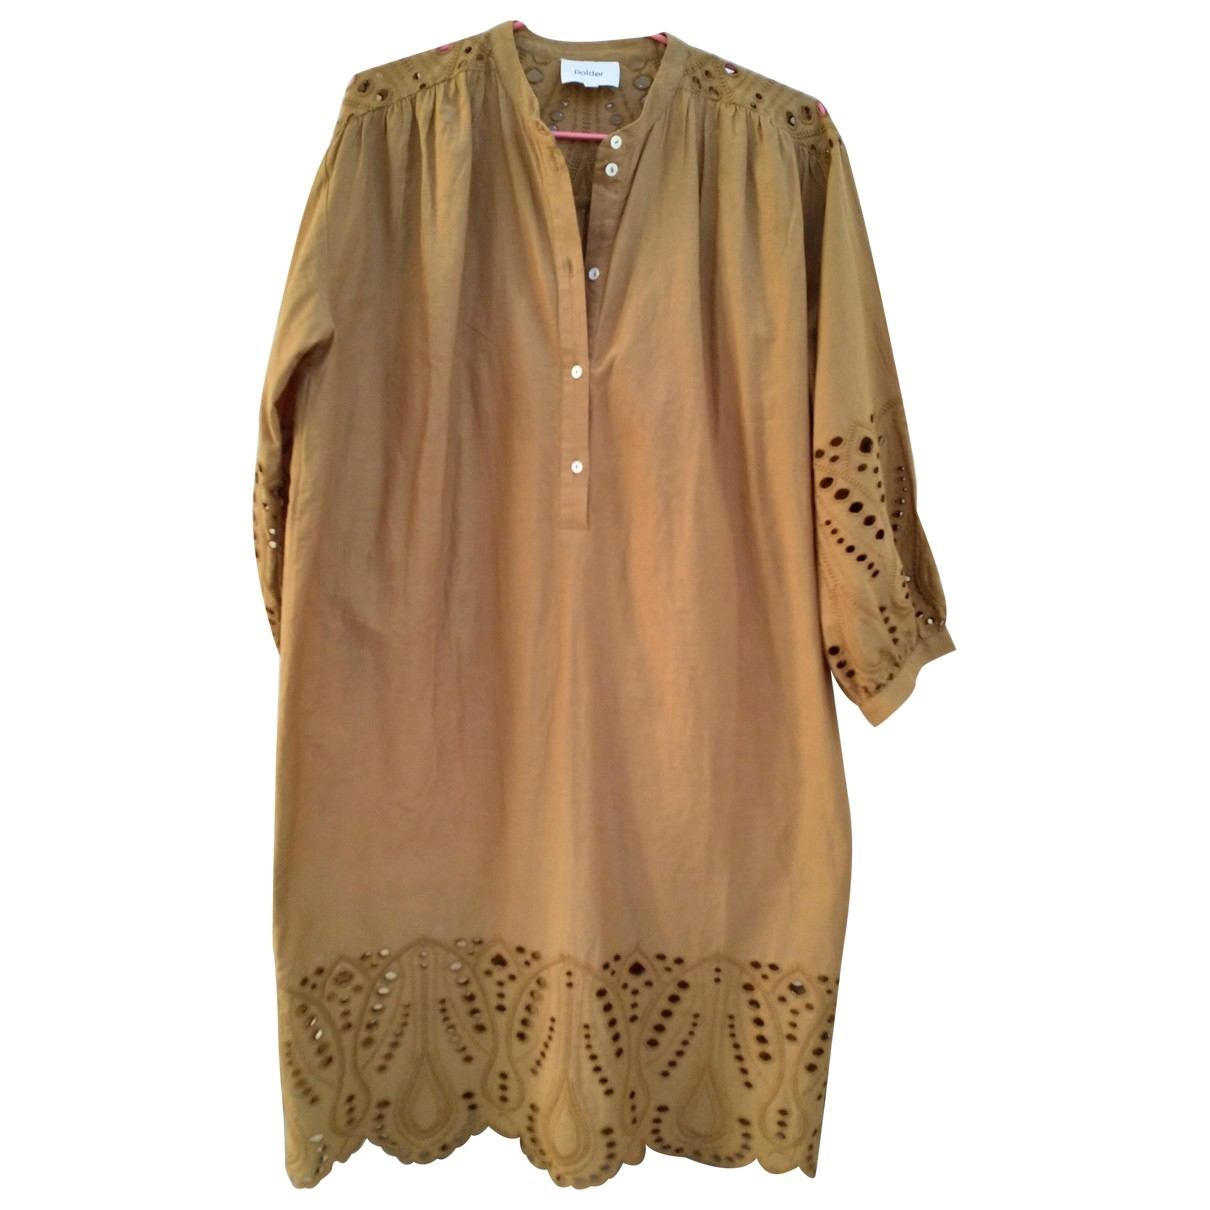 Polder \N Kleid in Baumwolle